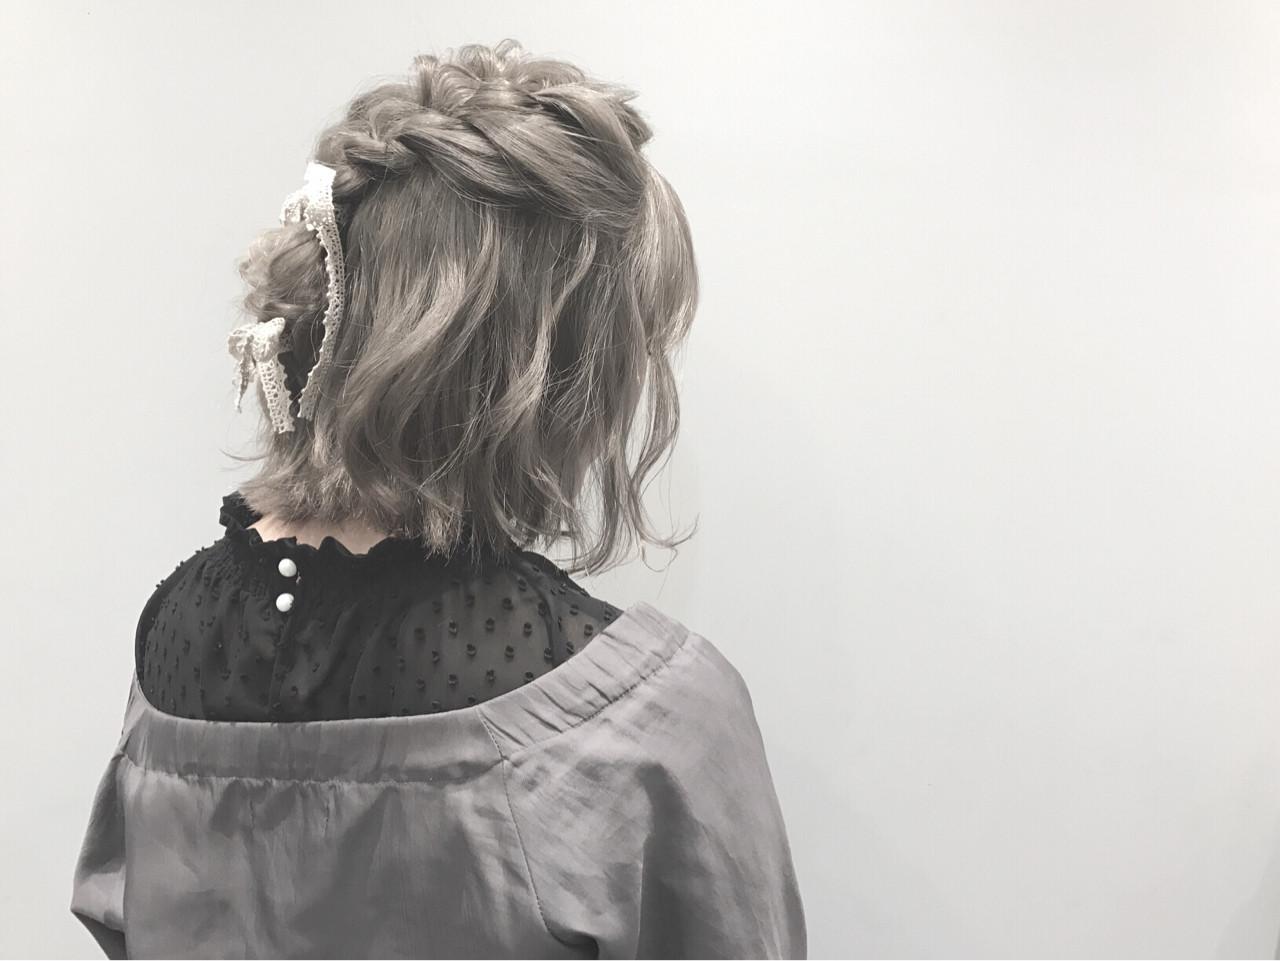 ヘアアレンジ アッシュグレー ハイトーン グレー ヘアスタイルや髪型の写真・画像